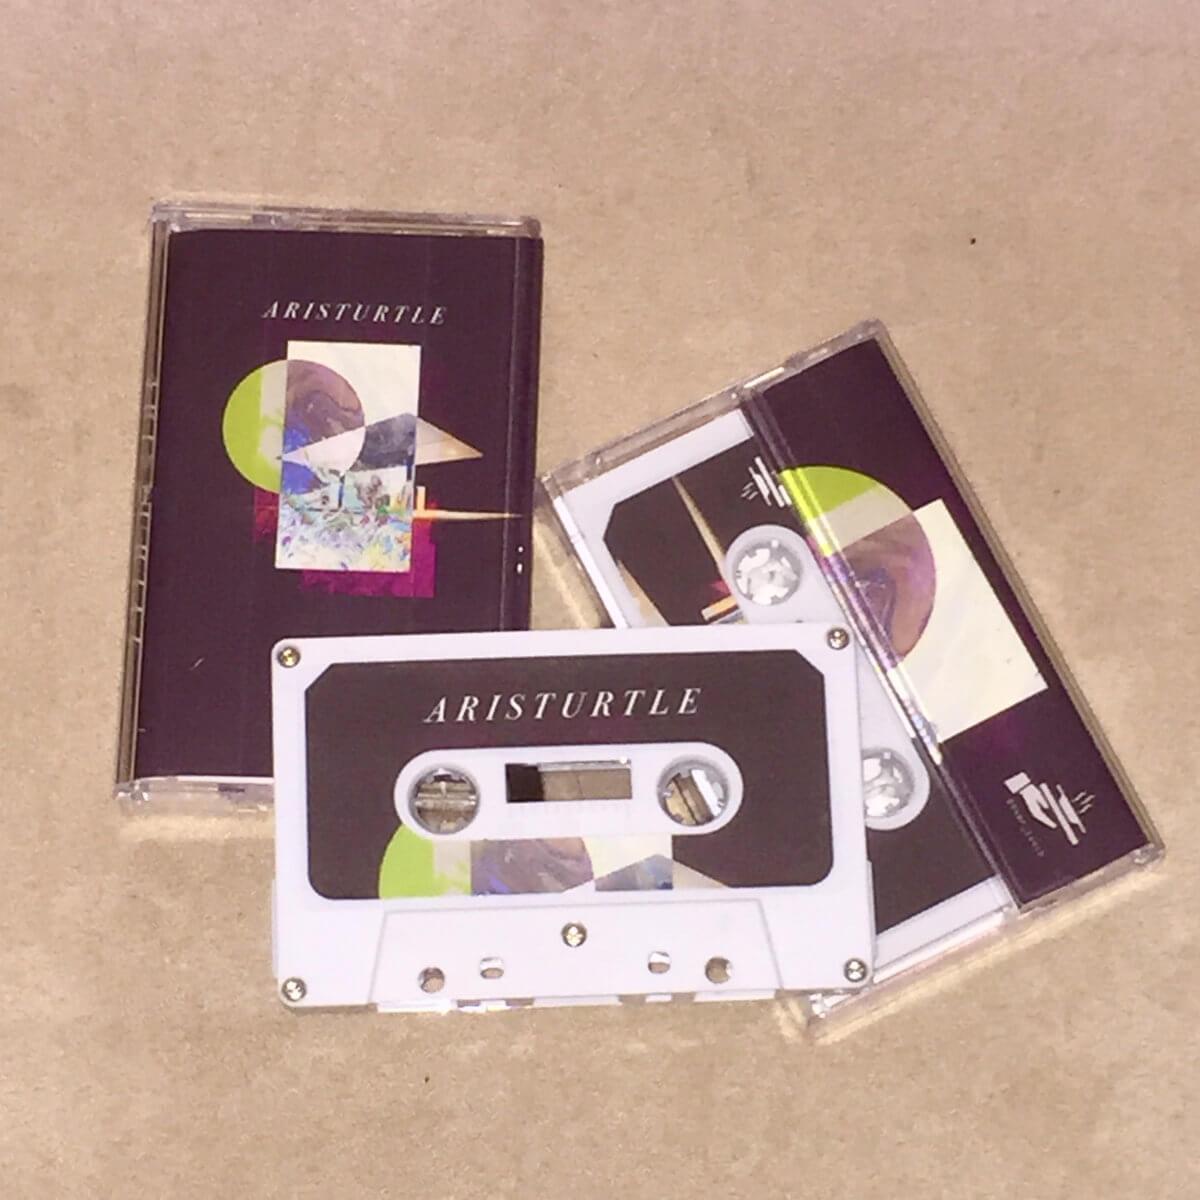 ARISTURTLE by ARISTURTLE (P o s s e s s i o n edition cassette) 1